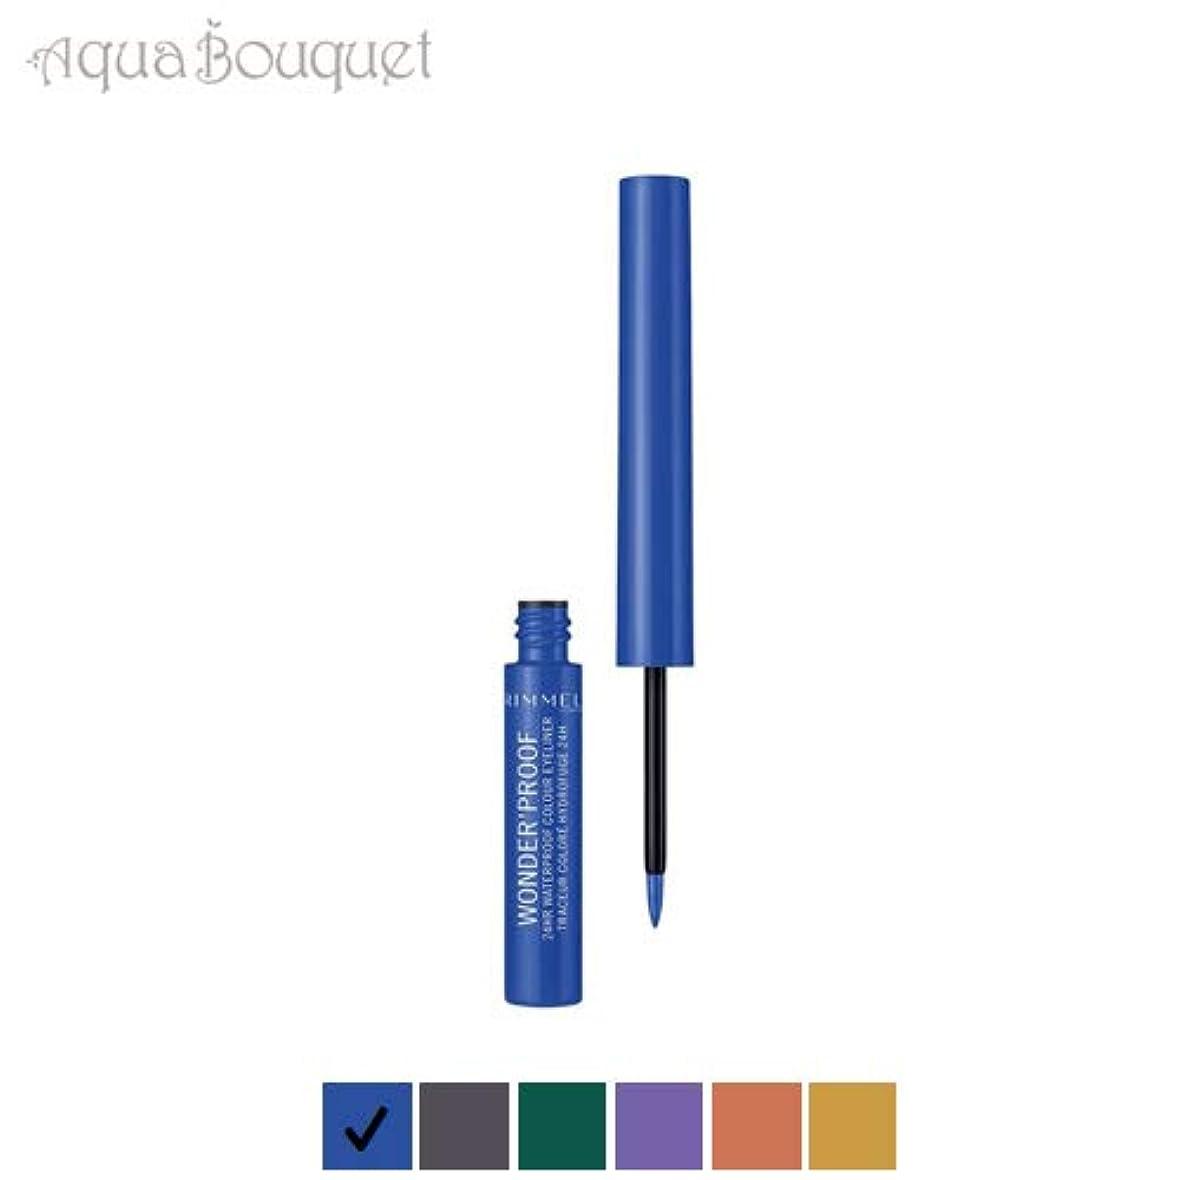 所有権スキー多用途リンメル ワンダープルーフ アイライナー ウォータープルーフ ピュア ブルー (05 PURE BLUE) RIMMEL WONDER'PROOF 24HR WP EYELINER [並行輸入品]